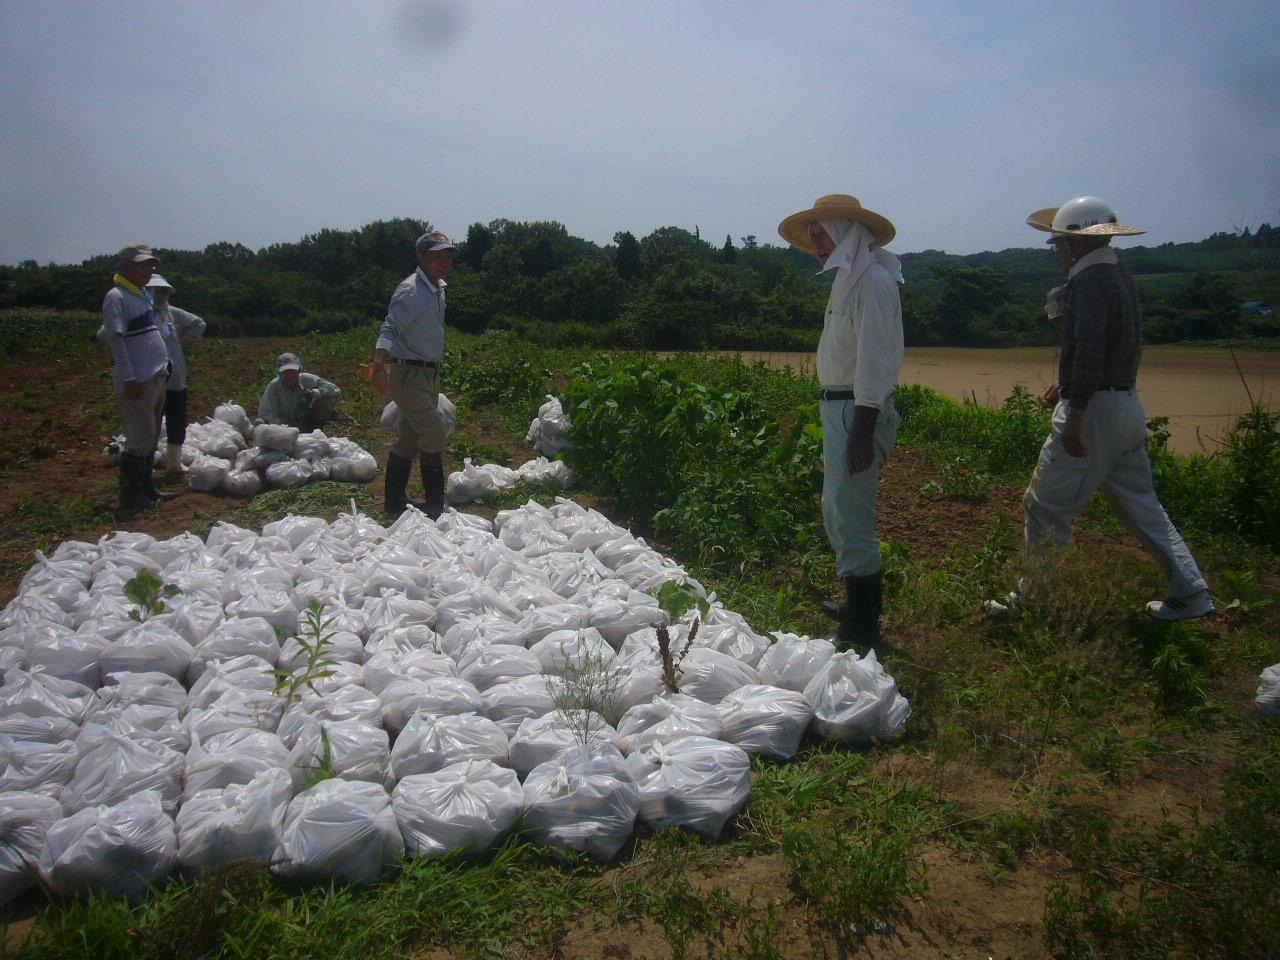 収穫H26.7.12撮影